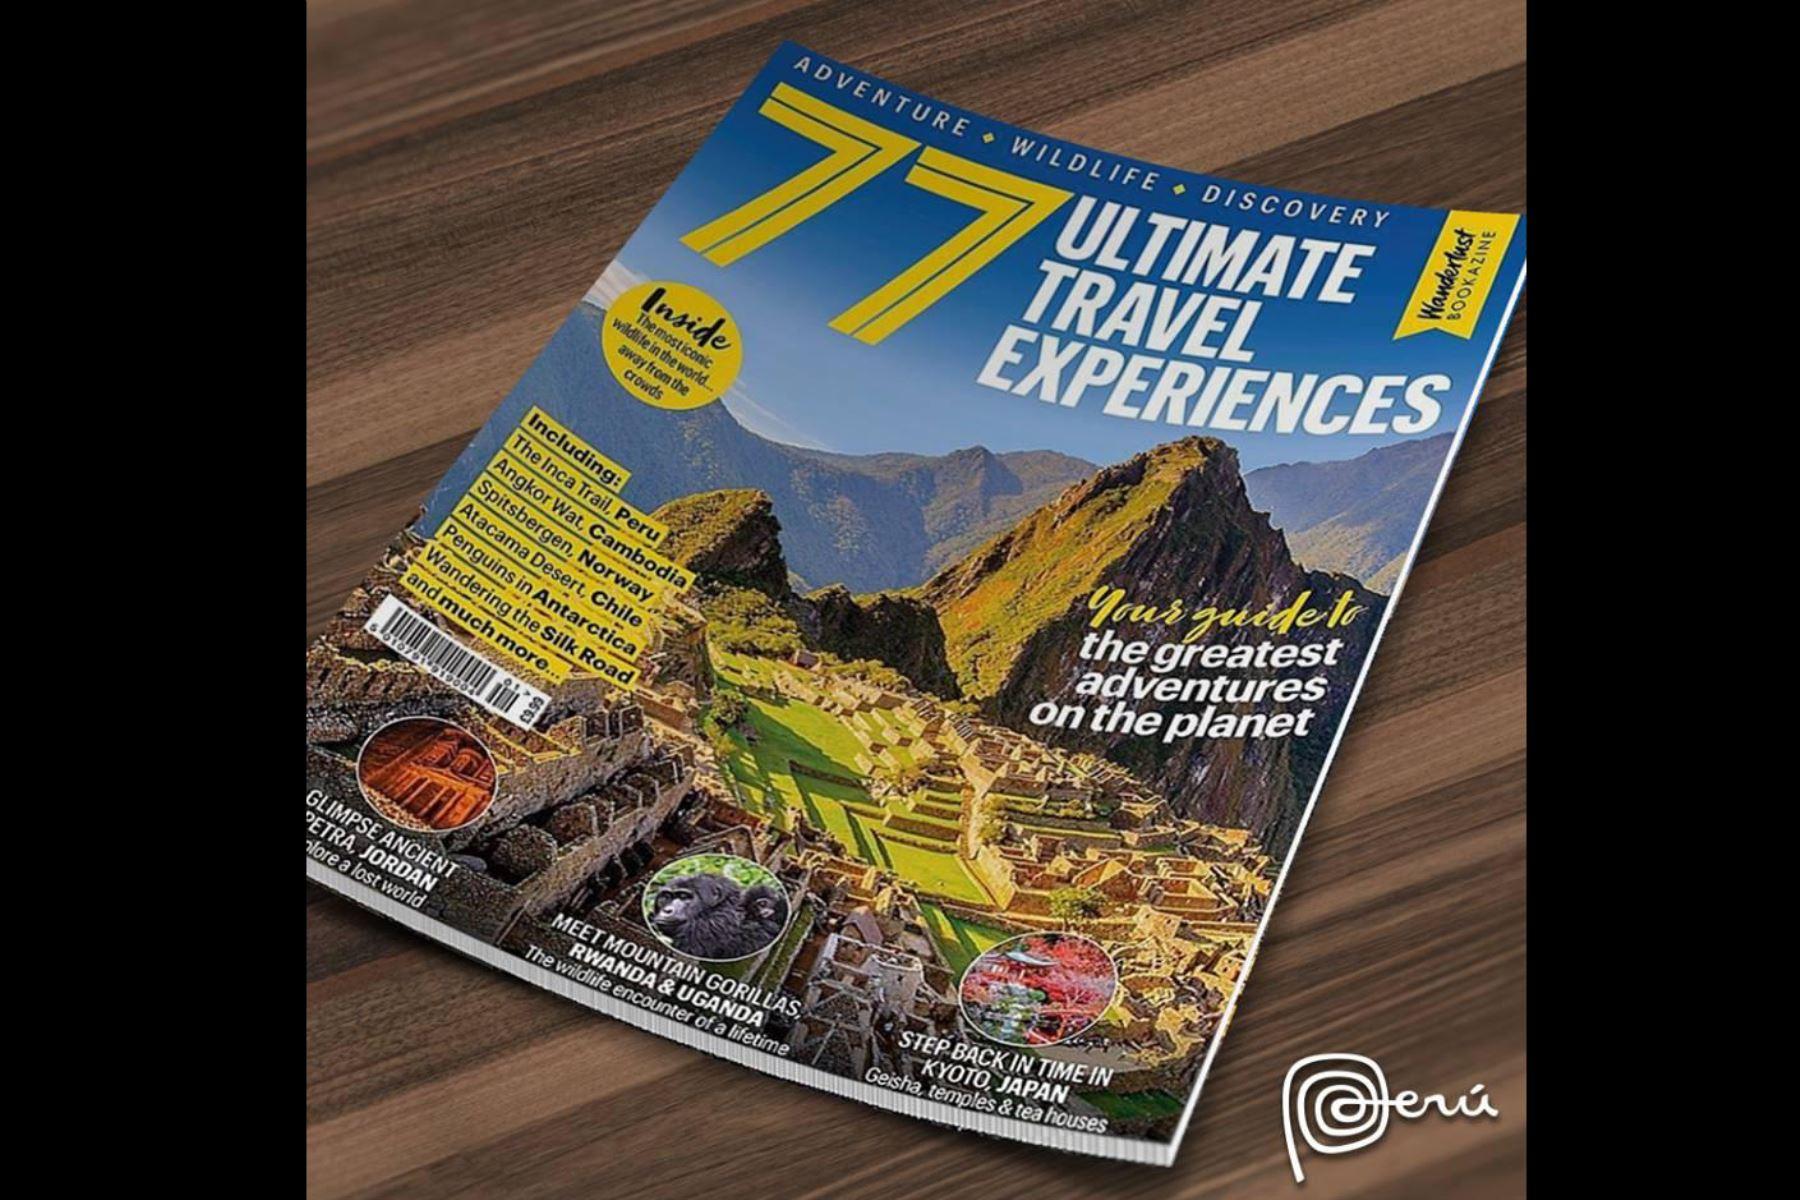 La revista britáanica Wanderlust resaltó a la ciudadela de Machu Picchu en su portada versión especial con las 77 mejores experiencias de viaje. Foto: Promperú